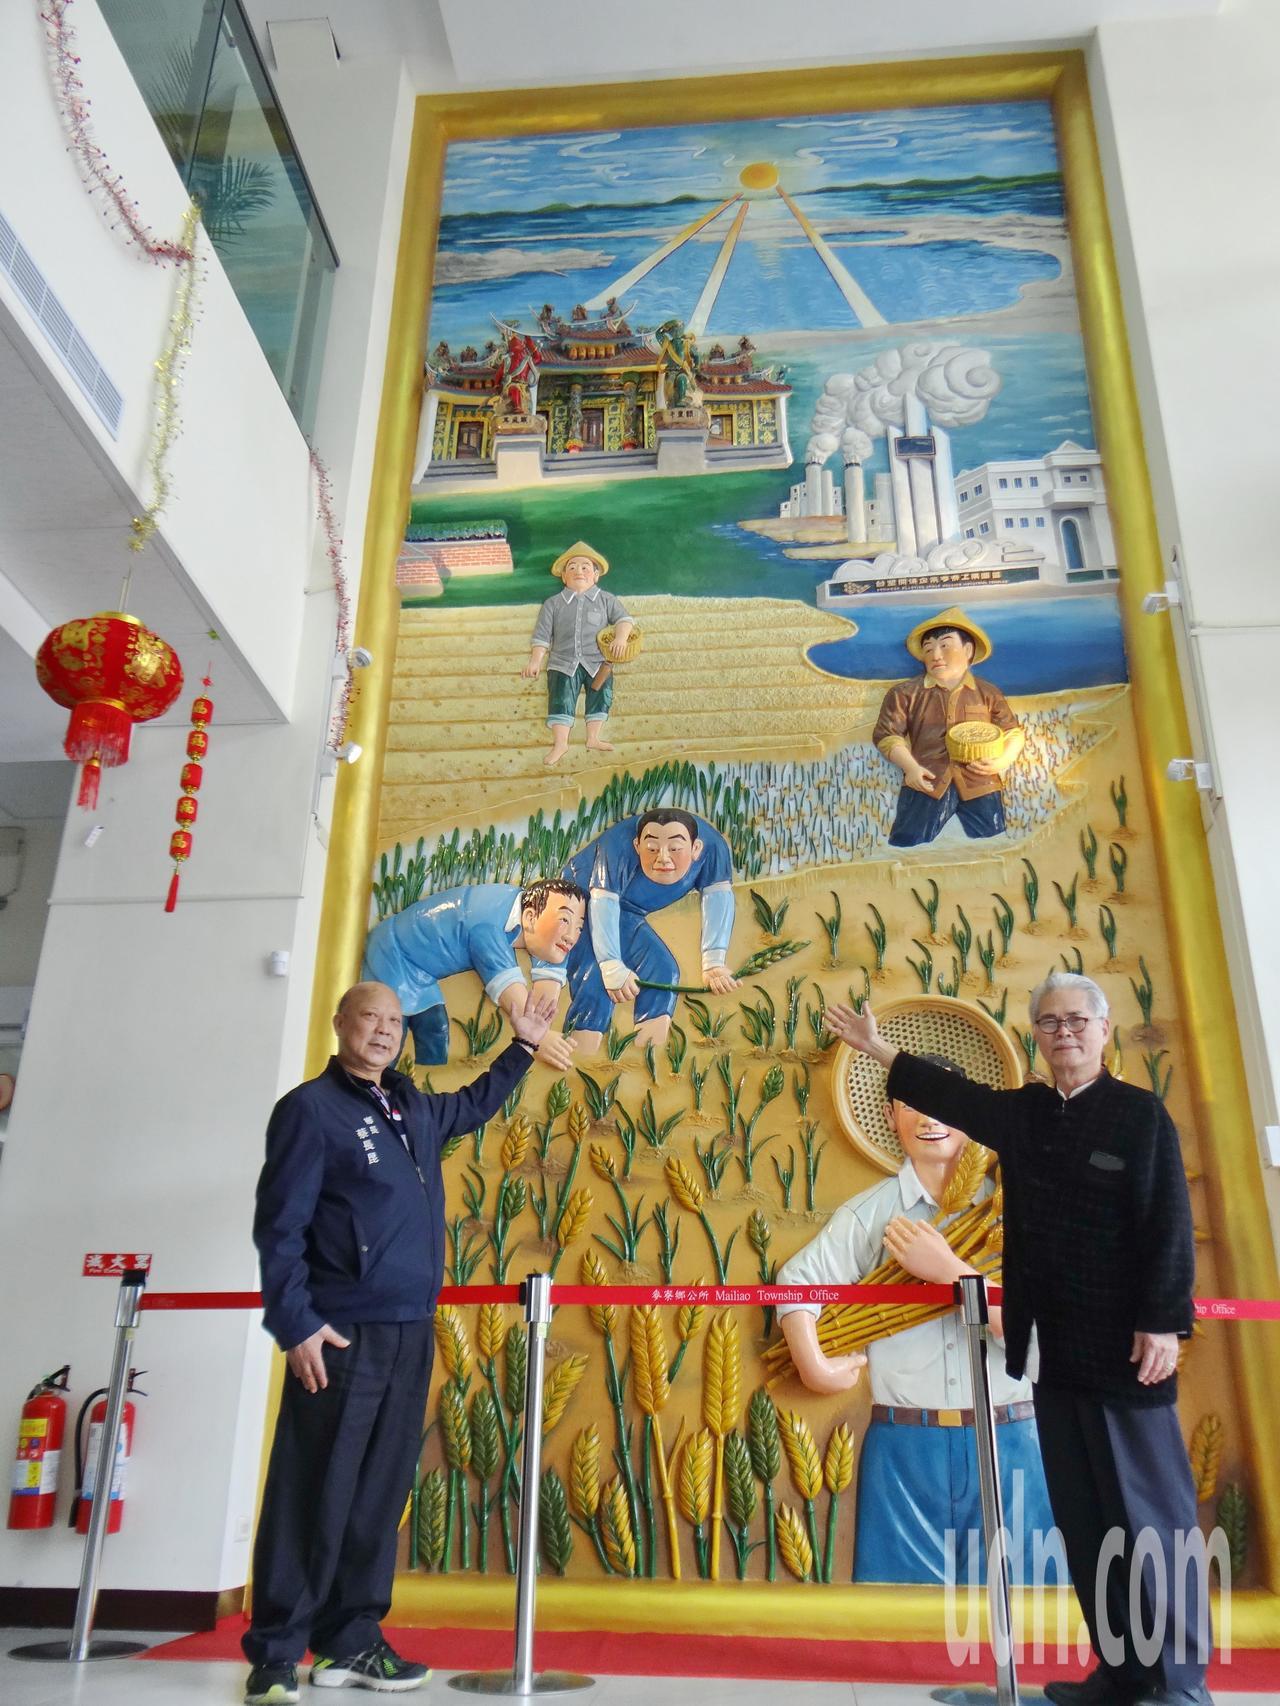 雲林縣麥寮鄉公所請來國寶級交趾陶大師呂勝南在公所內部打造藝術浮雕牆,昨天揭幕,美...